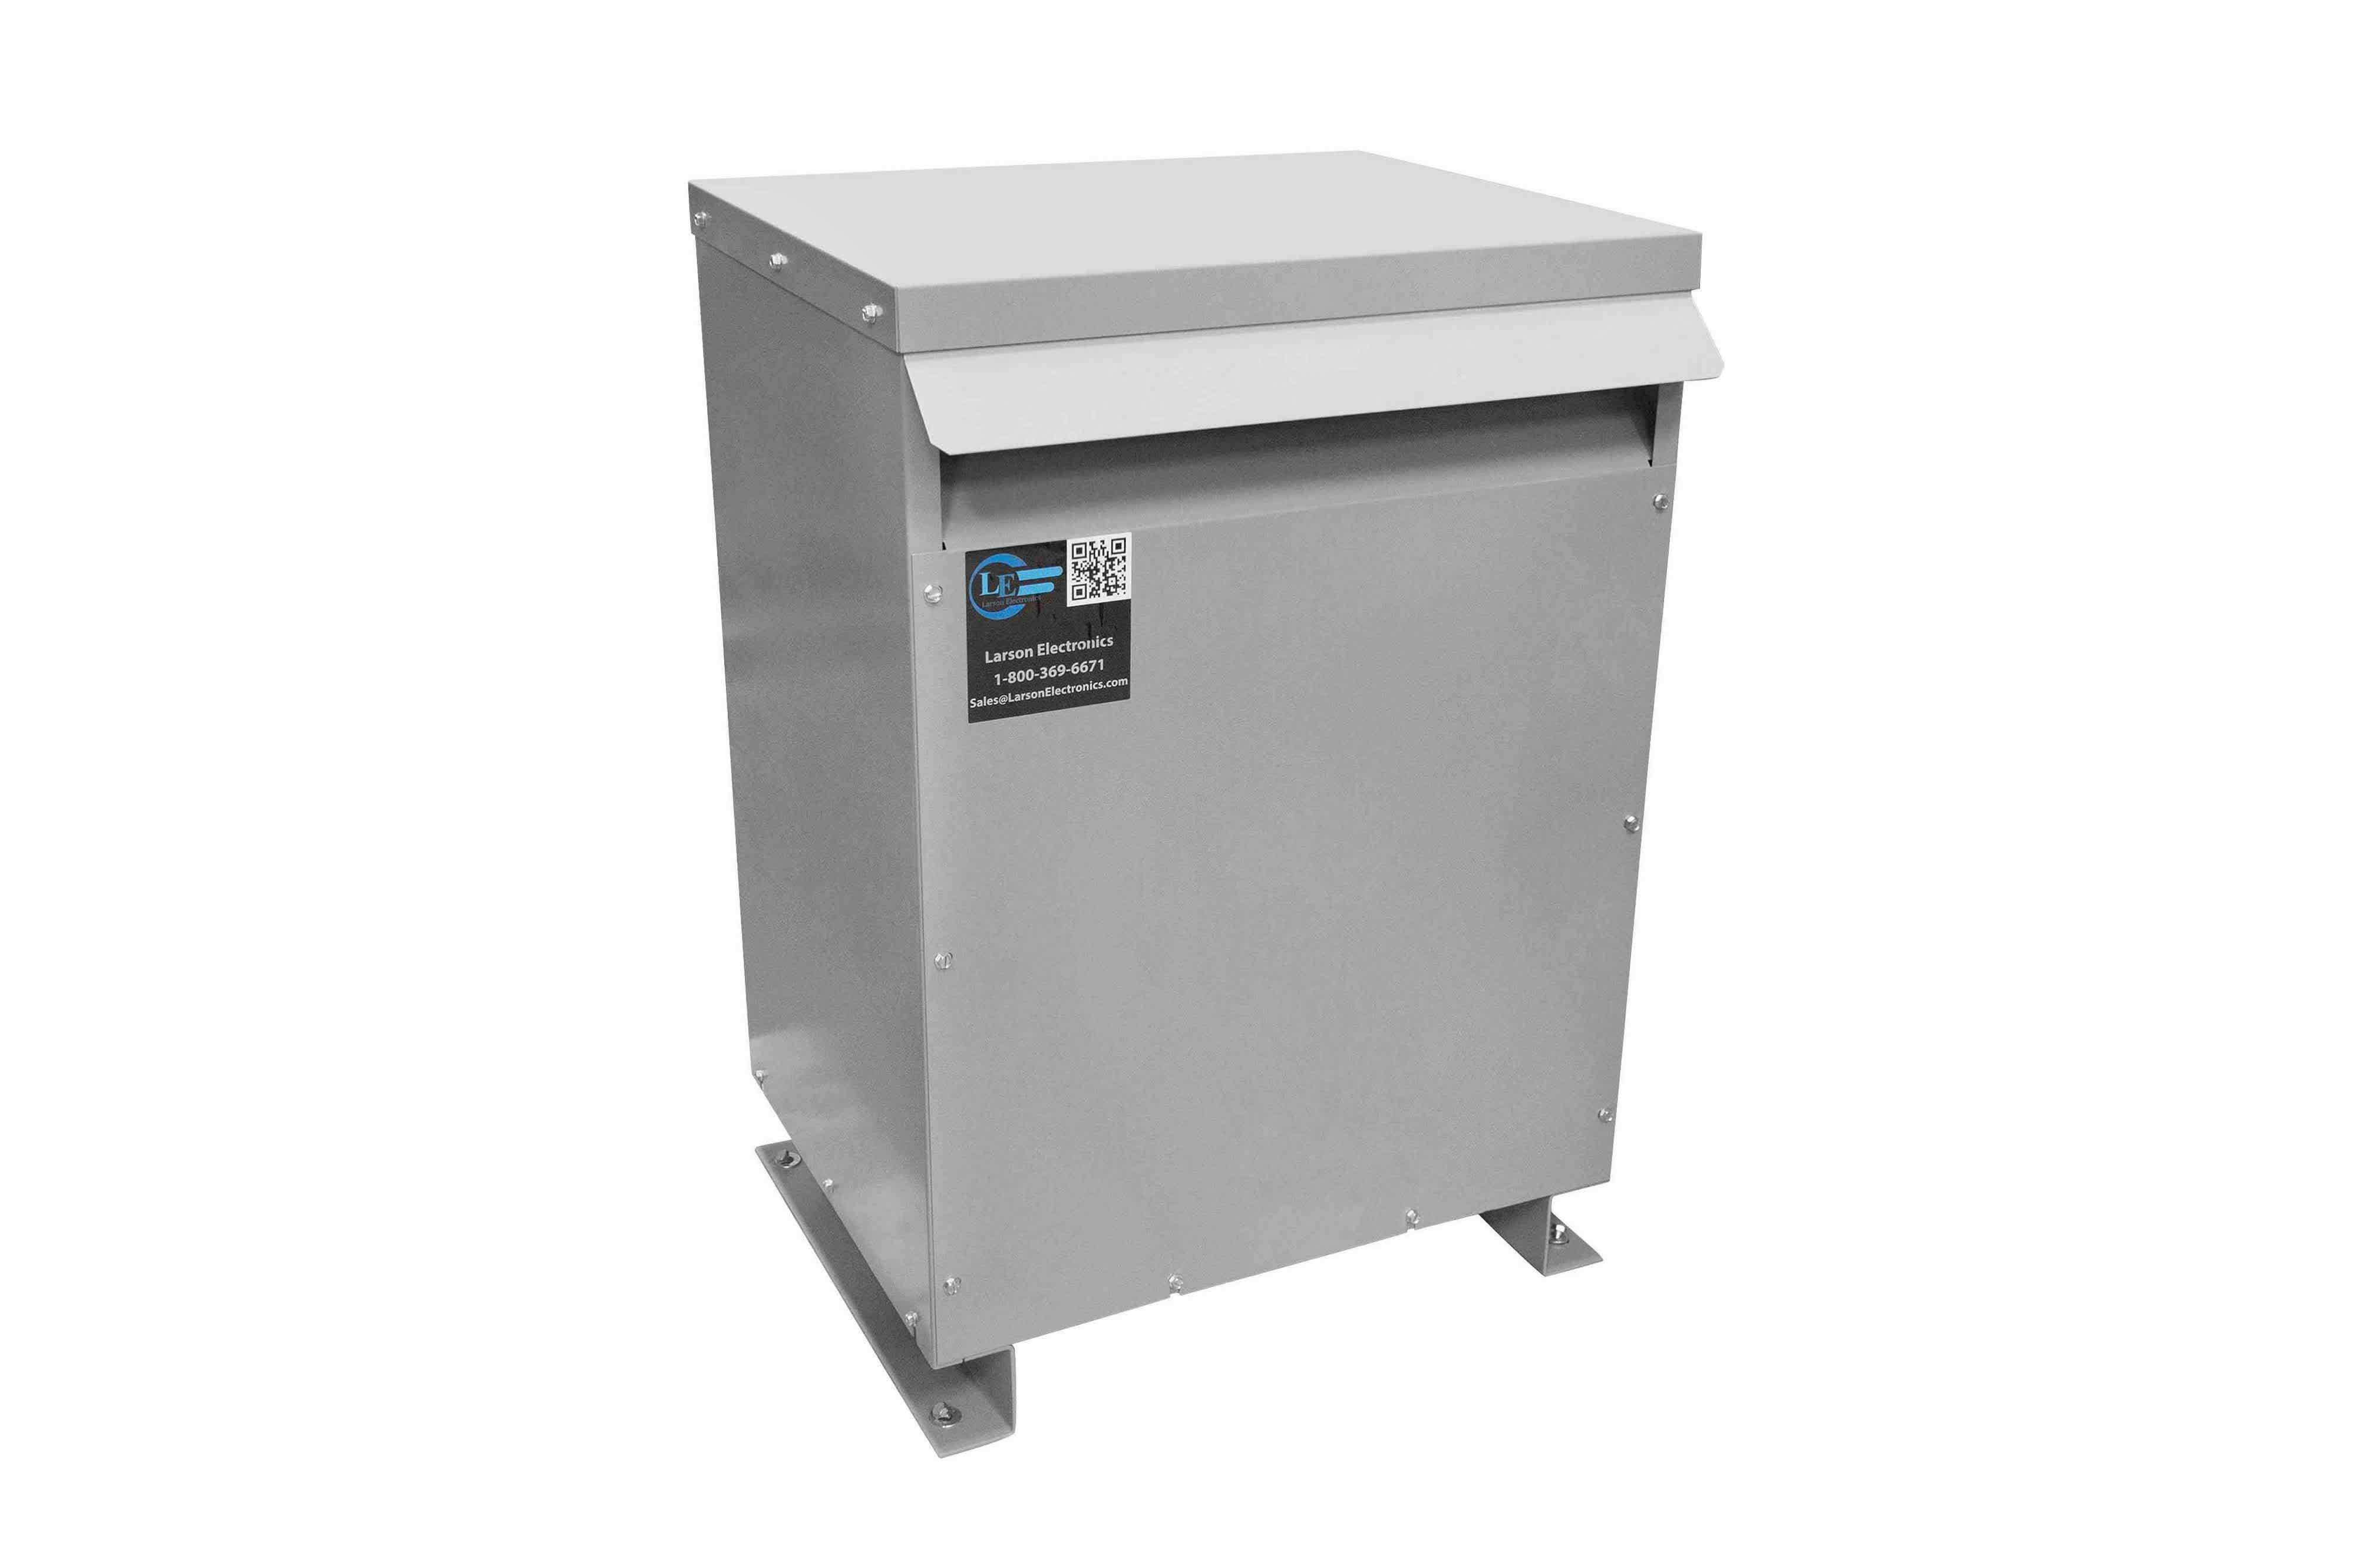 55 kVA 3PH Isolation Transformer, 600V Delta Primary, 415V Delta Secondary, N3R, Ventilated, 60 Hz